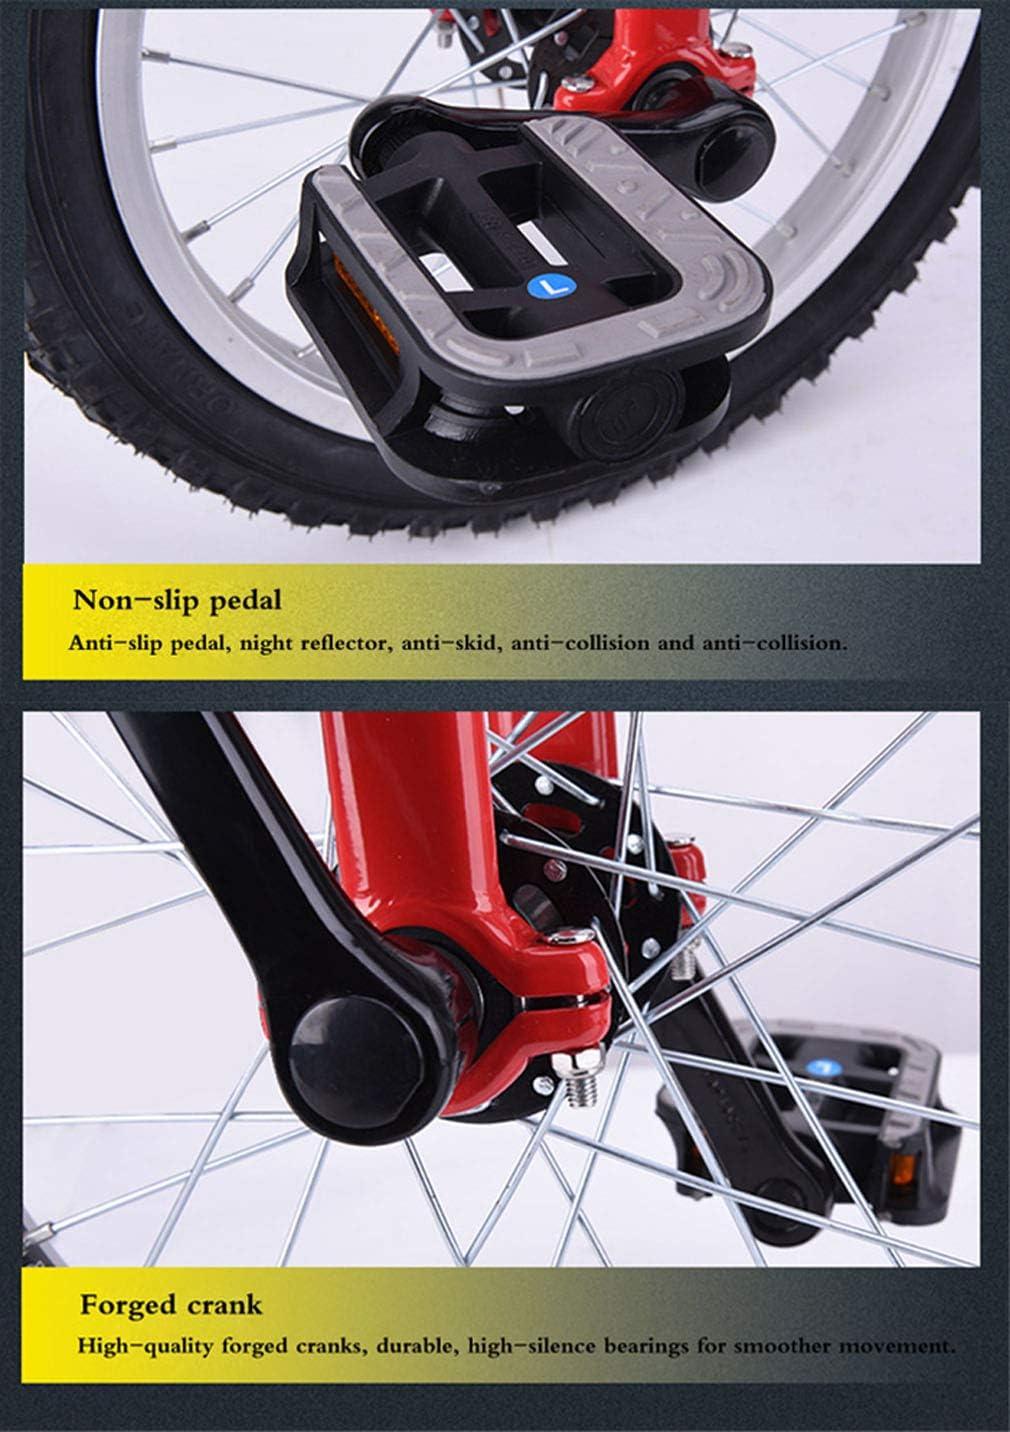 V/élo /à Une Roue Hauteur R/églable Charge Maximale 150 Kg Kids//Adulte Formateur Anti-D/érapant Pneu /Équilibre Cyclisme Utilis/é pour Cirque Jonglage D/ébutants Exercice Sports16 18 20pouces HL Monocycle